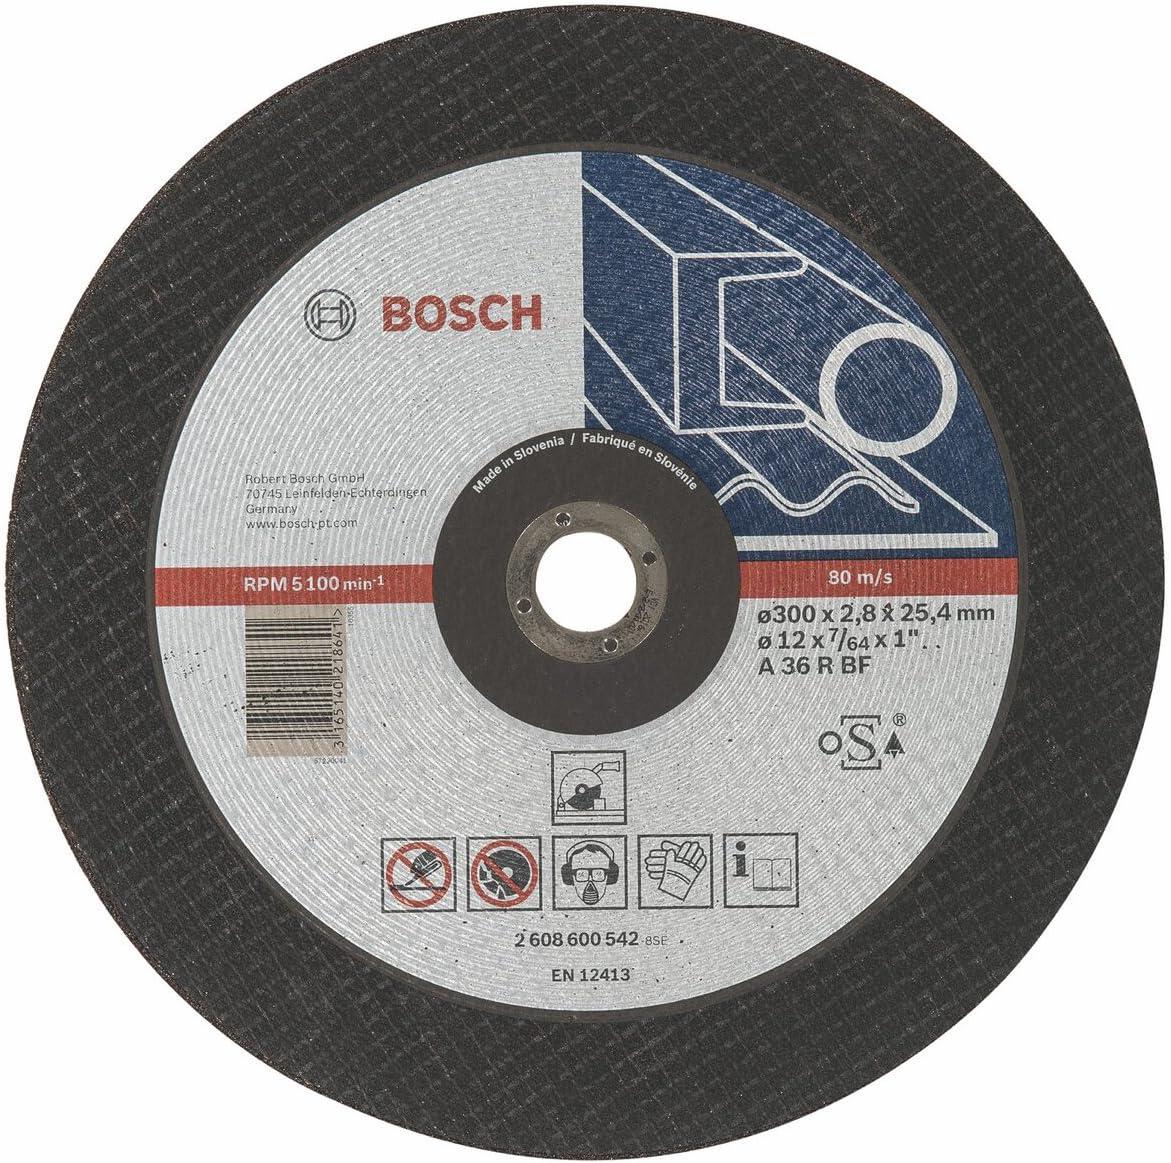 355 x 25,4 x 3 1 Makita b-10665 355 mm-disque /à tron/çonner-m/étal